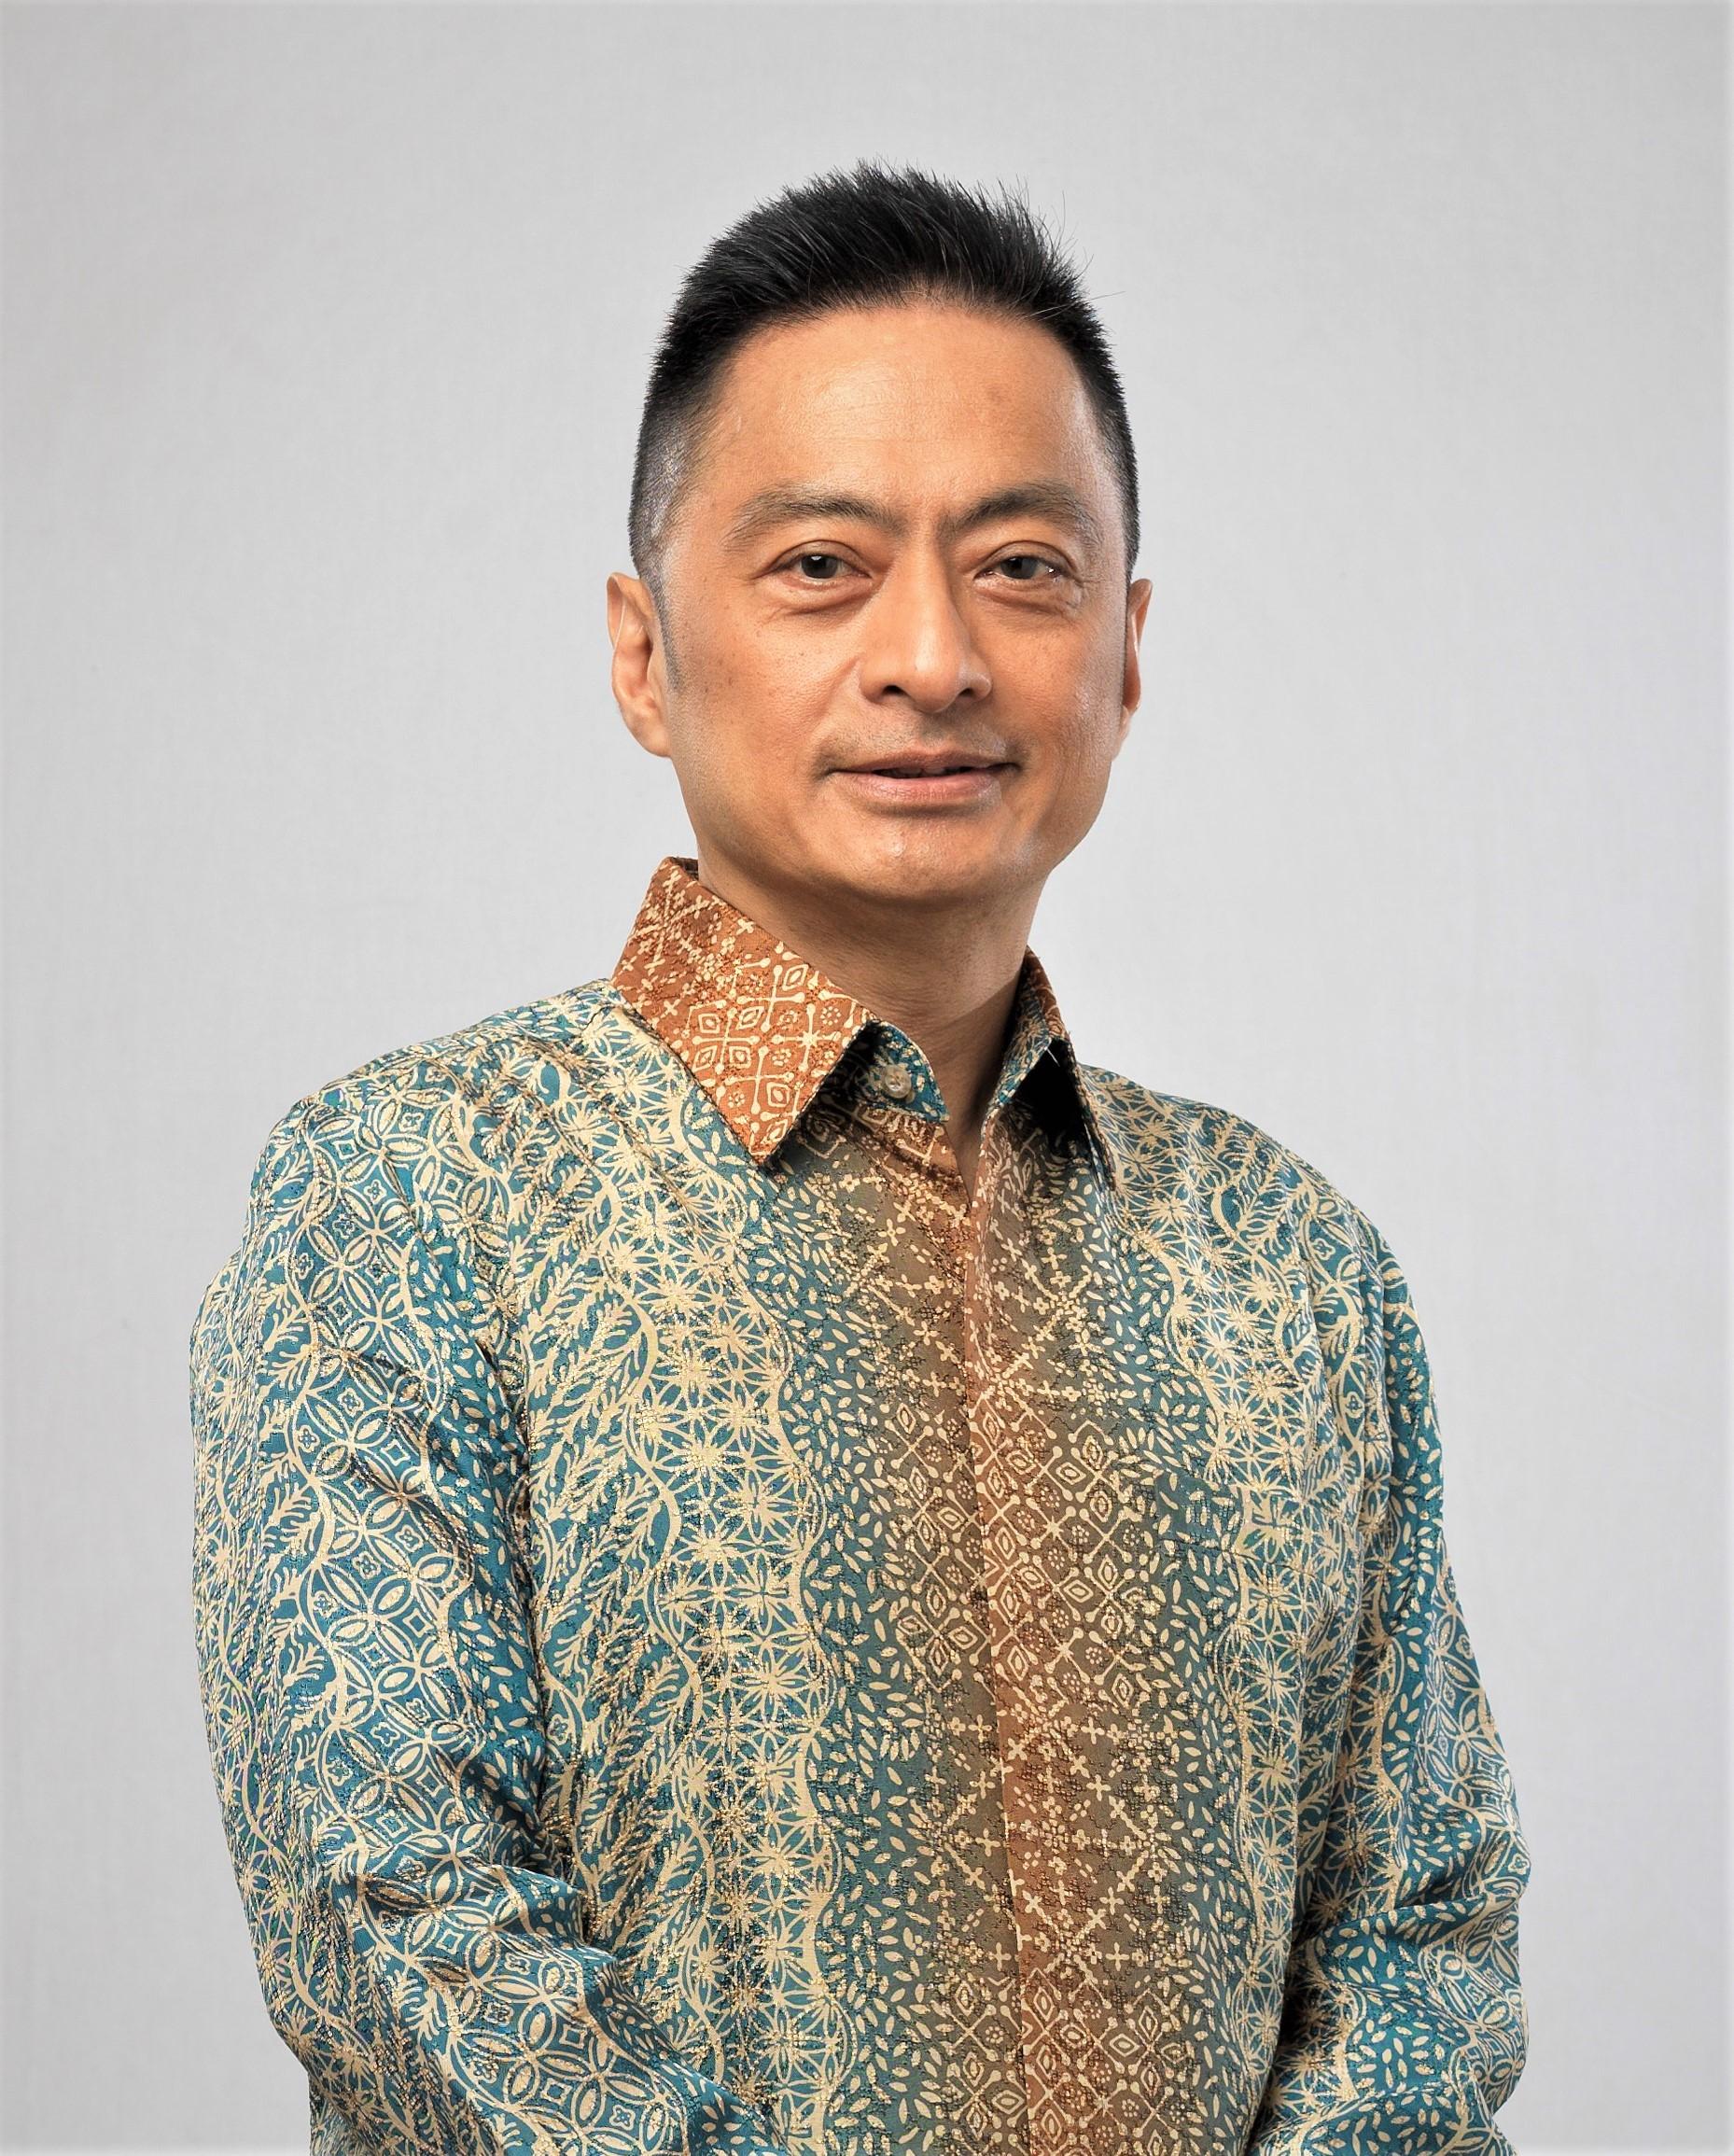 https://kdbtifa.co.id/storage/app/media/Komisaris/AntoniusHanifahKomala_20210428.jpg